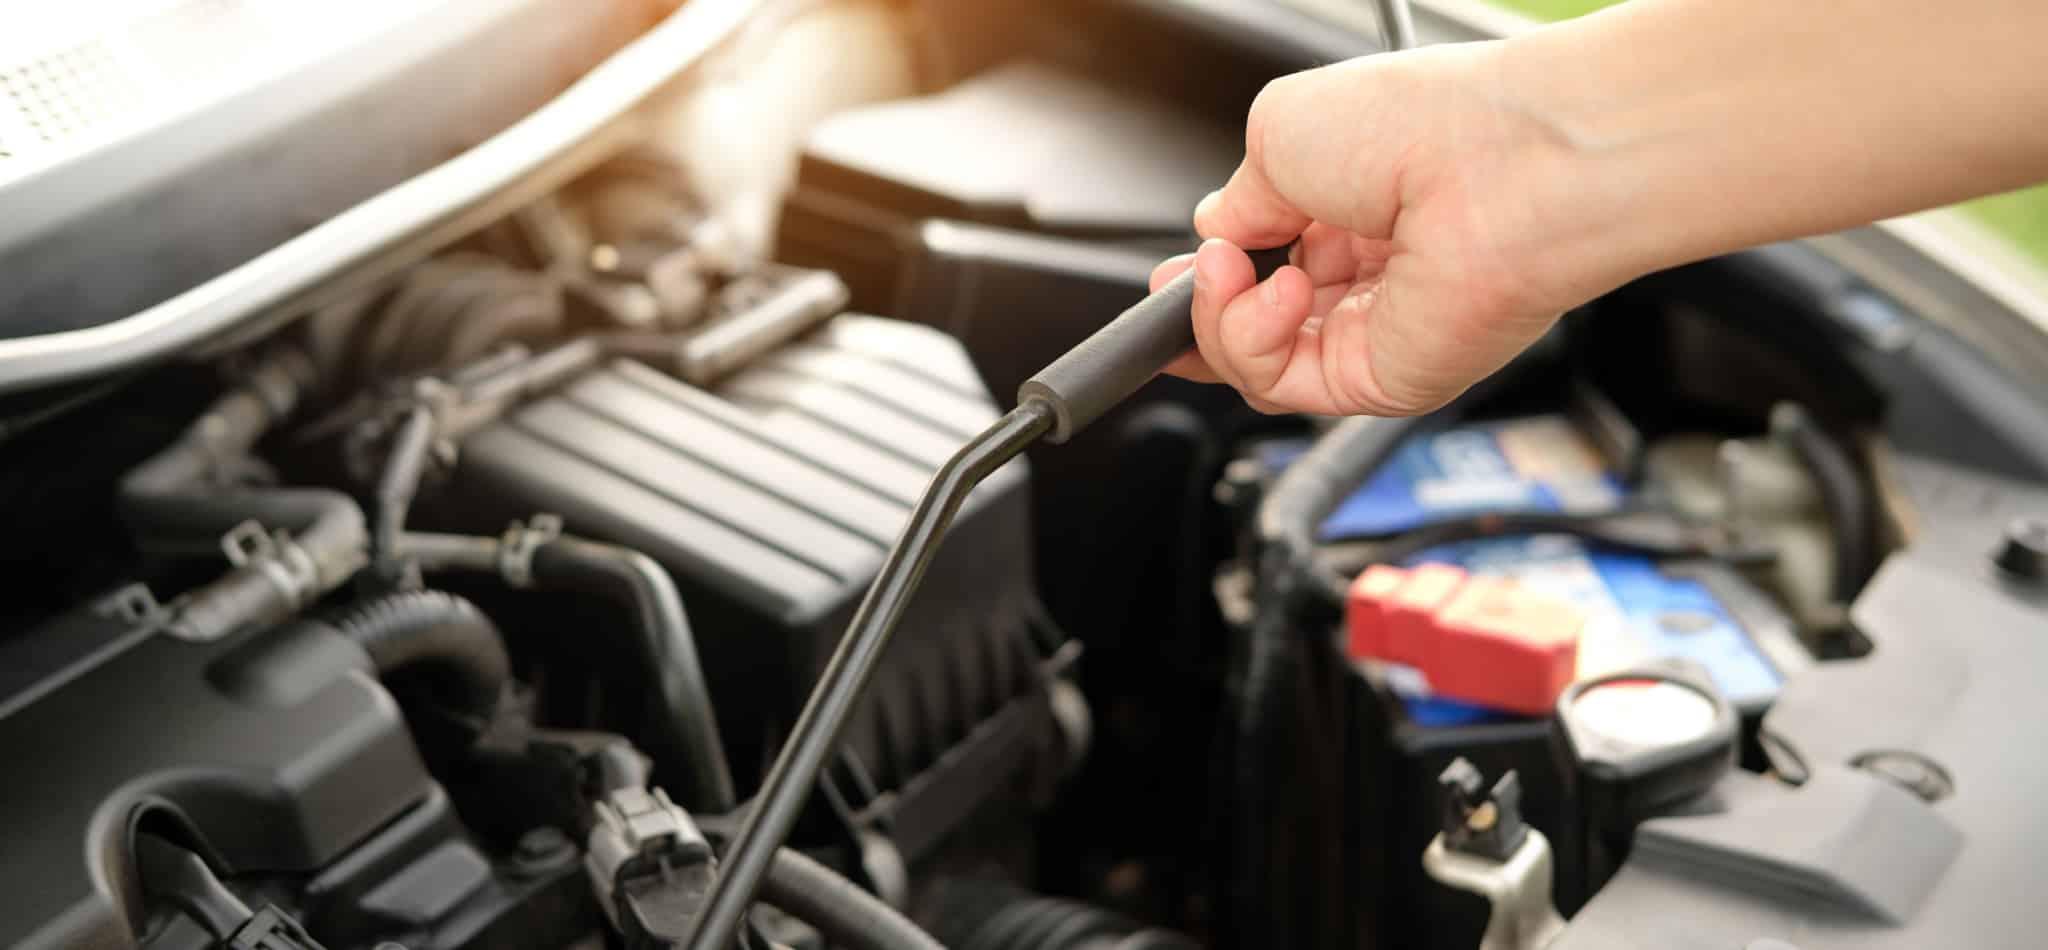 Carro com capot aberto para manutenção_carro avariado